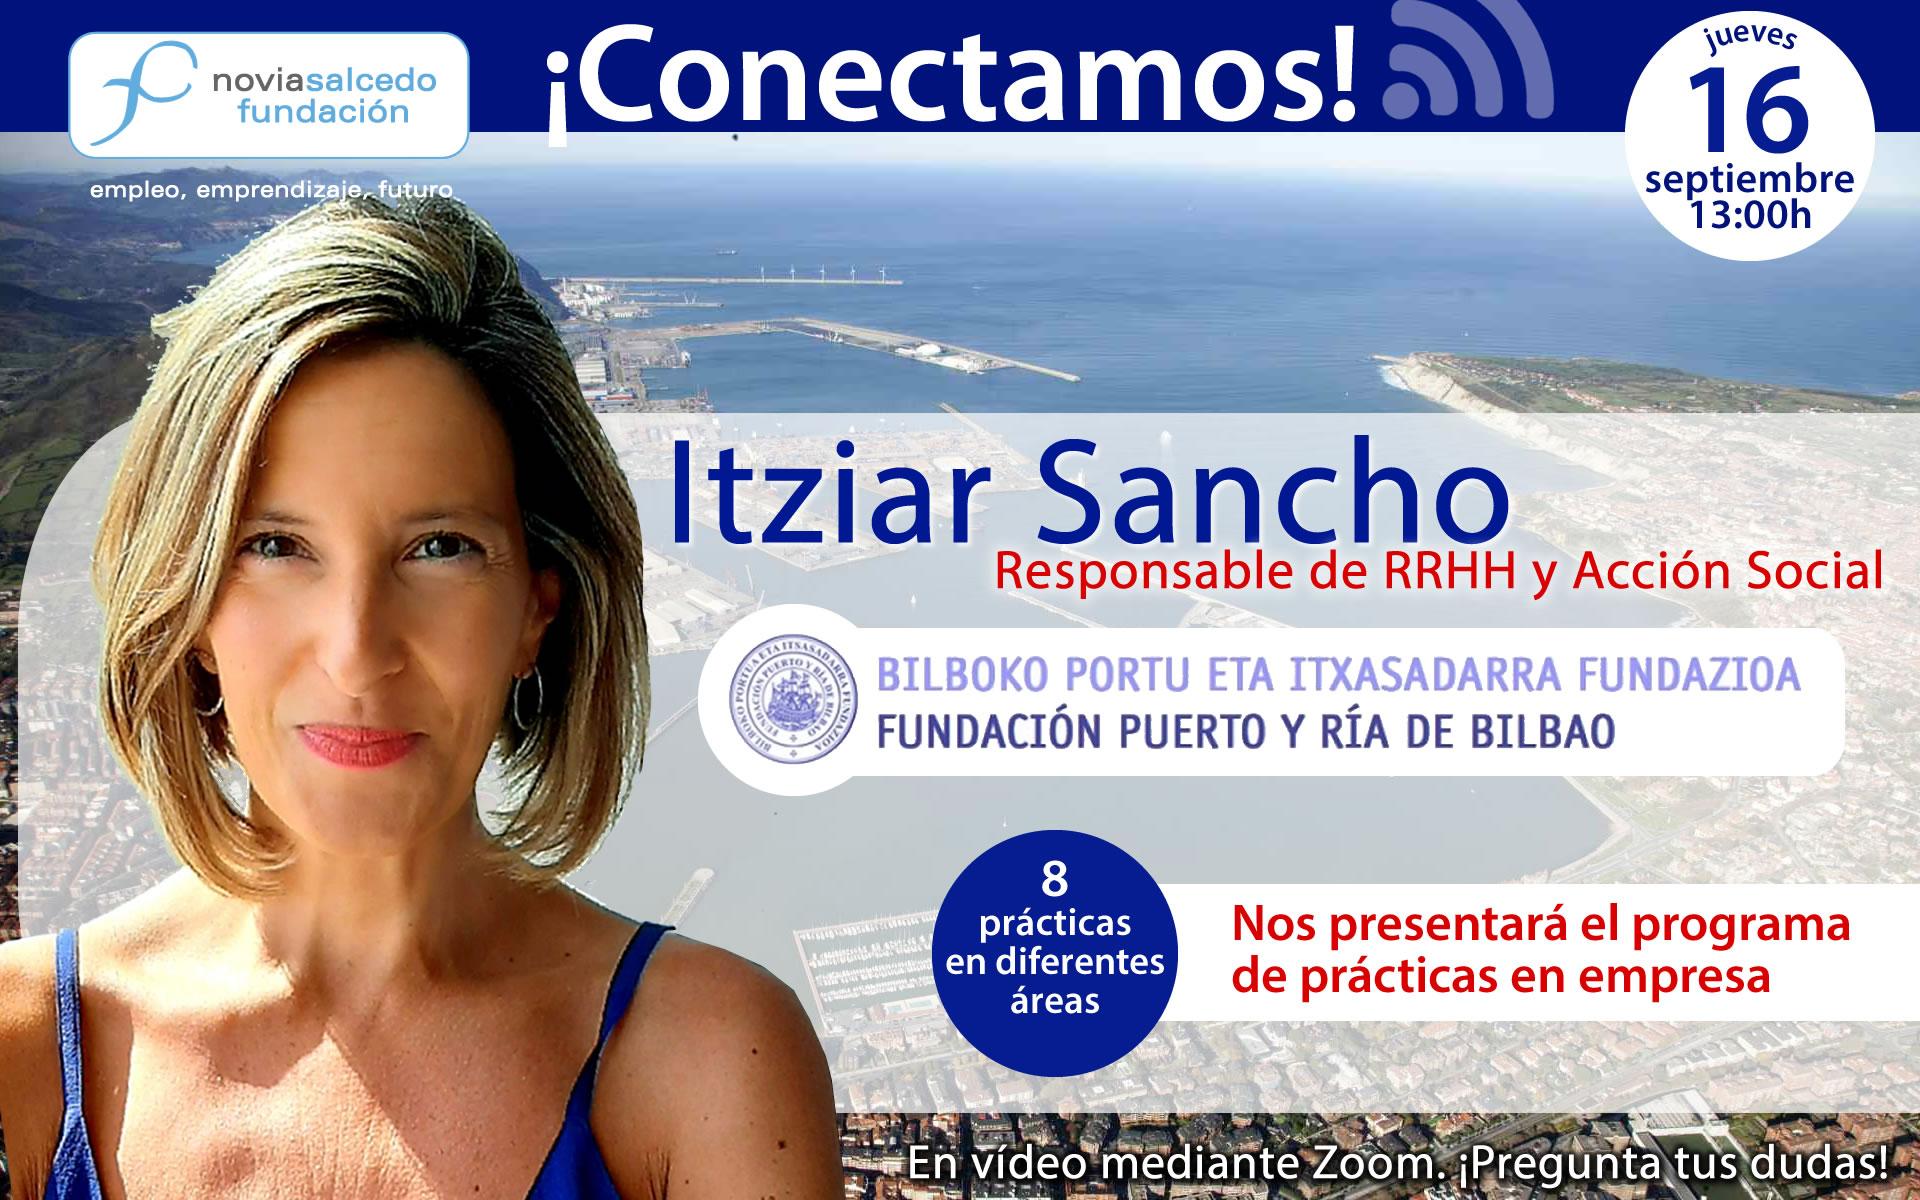 Conectamos con Itziar Sancho, responsable de RRHH y acción social de Fundación Puerto y Ría de Bilbao